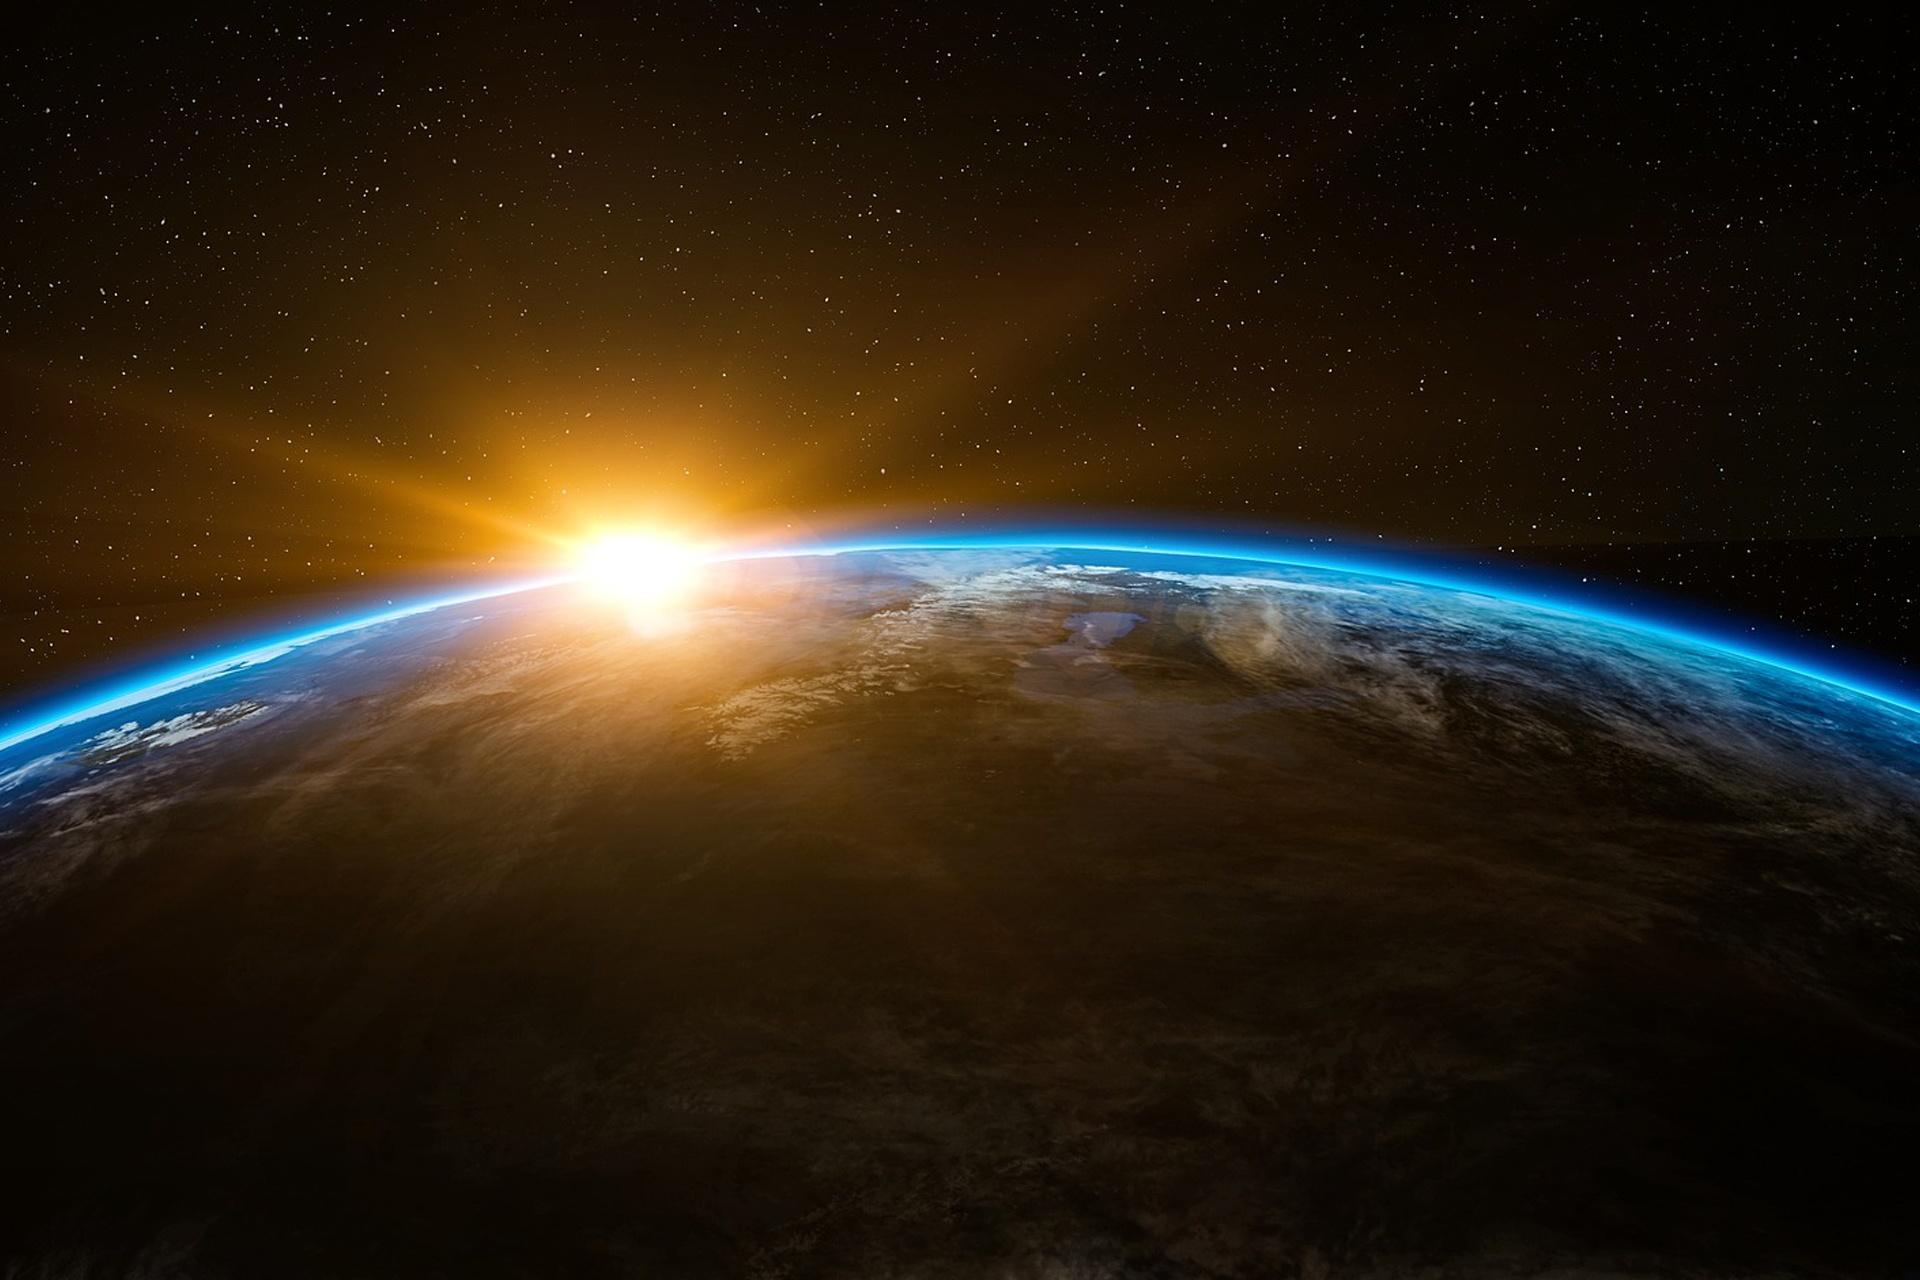 Todo Lo Que Debe Saber Del 2014 JO25 El Asteroide Que Se